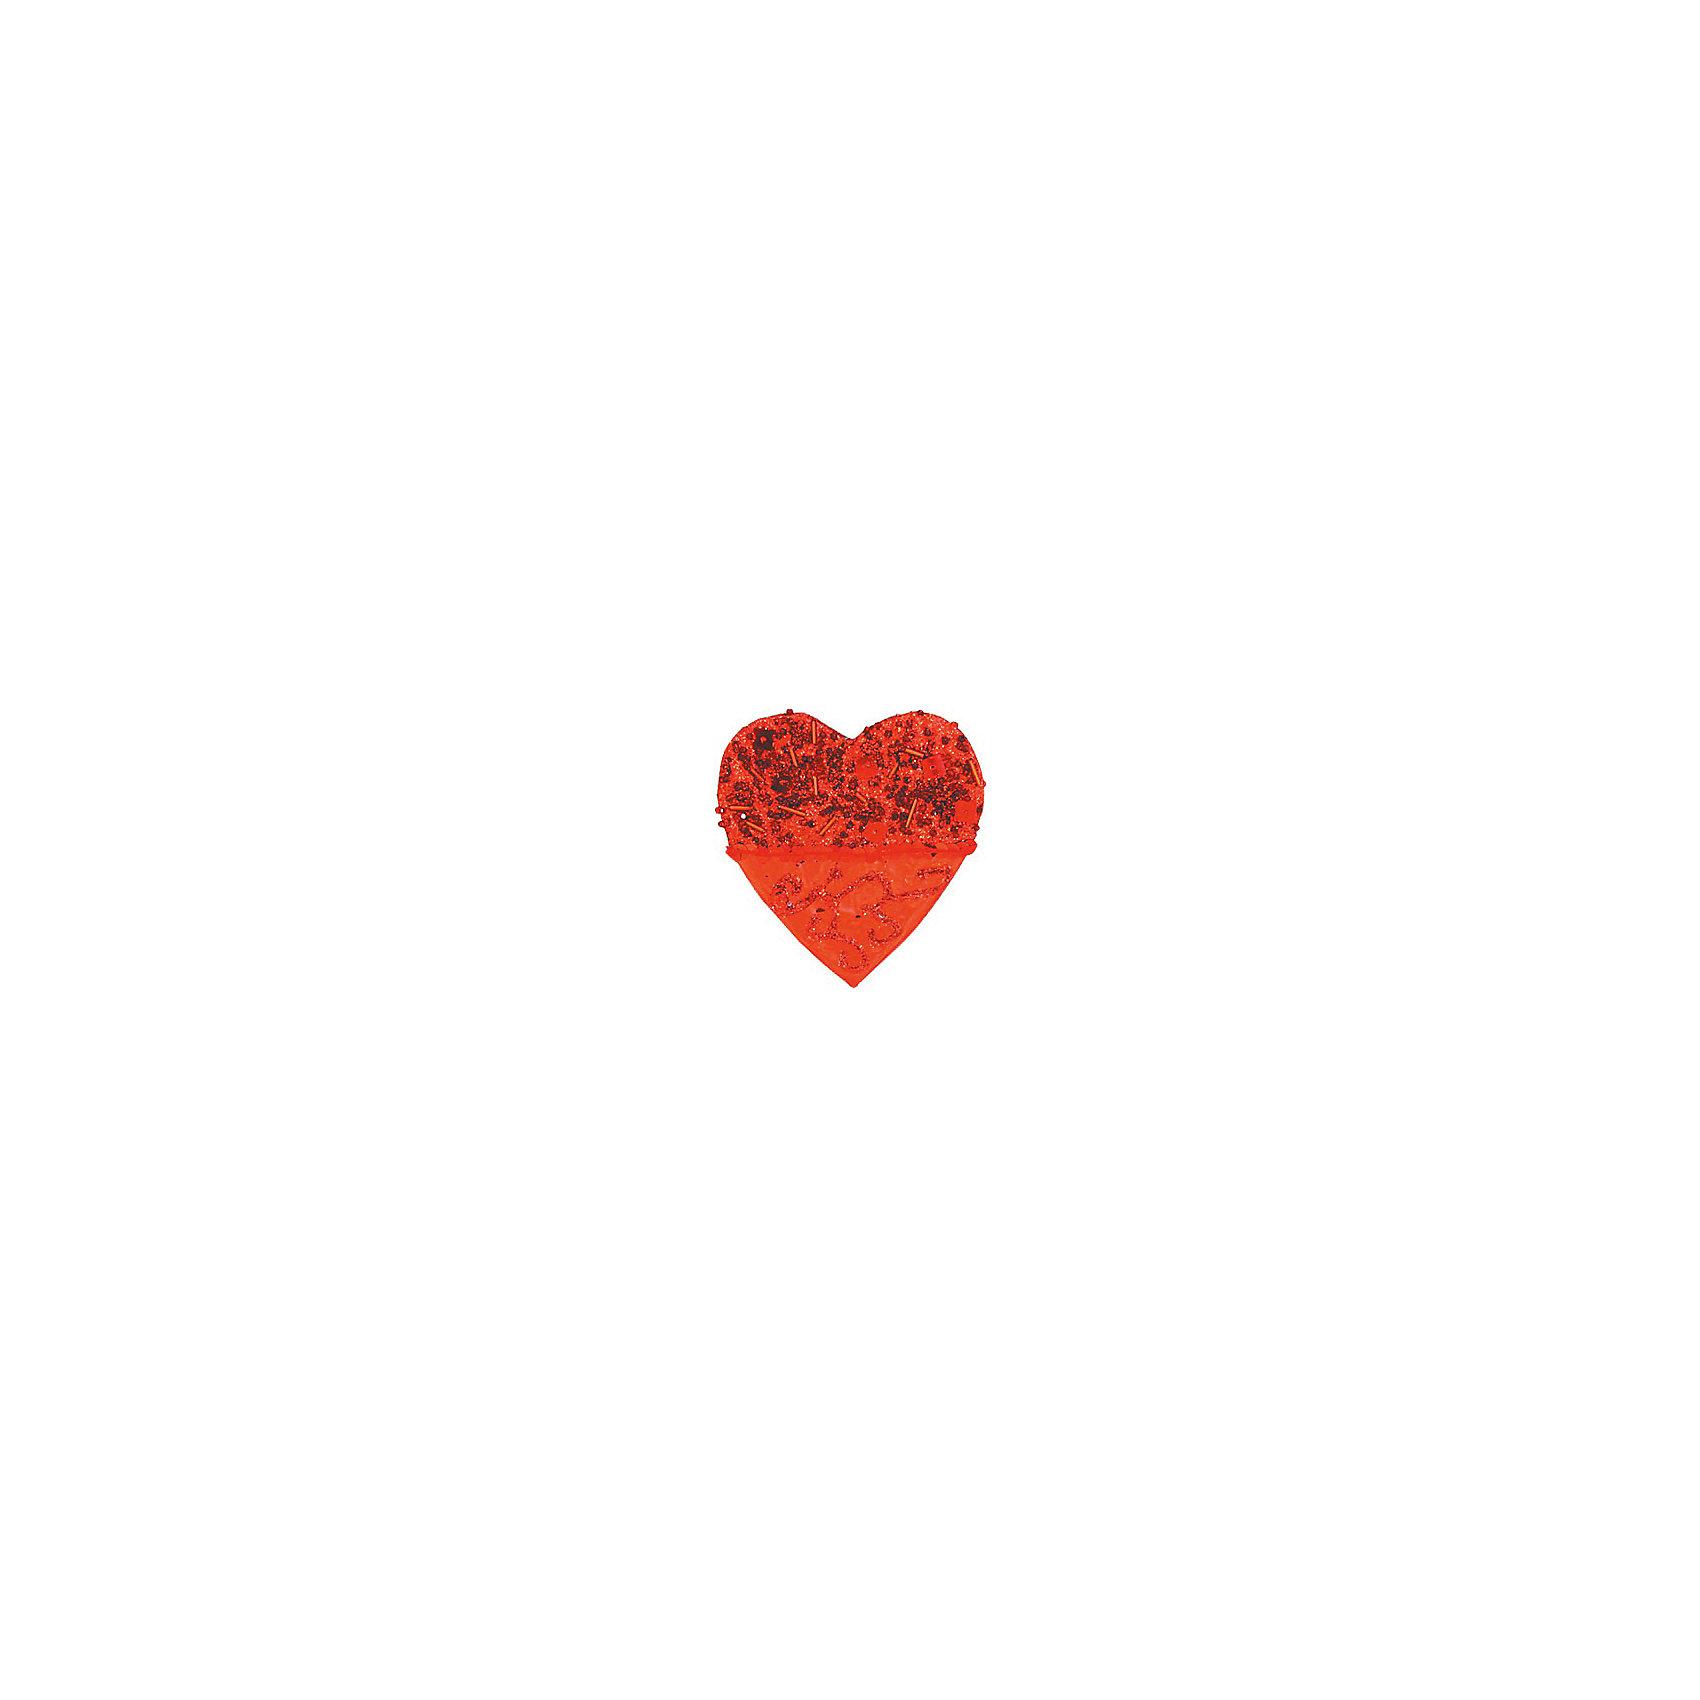 Marko Ferenzo Красное украшение Сердце 10 см marko ferenzo набор желудей 3 шт grande 4 см золотой